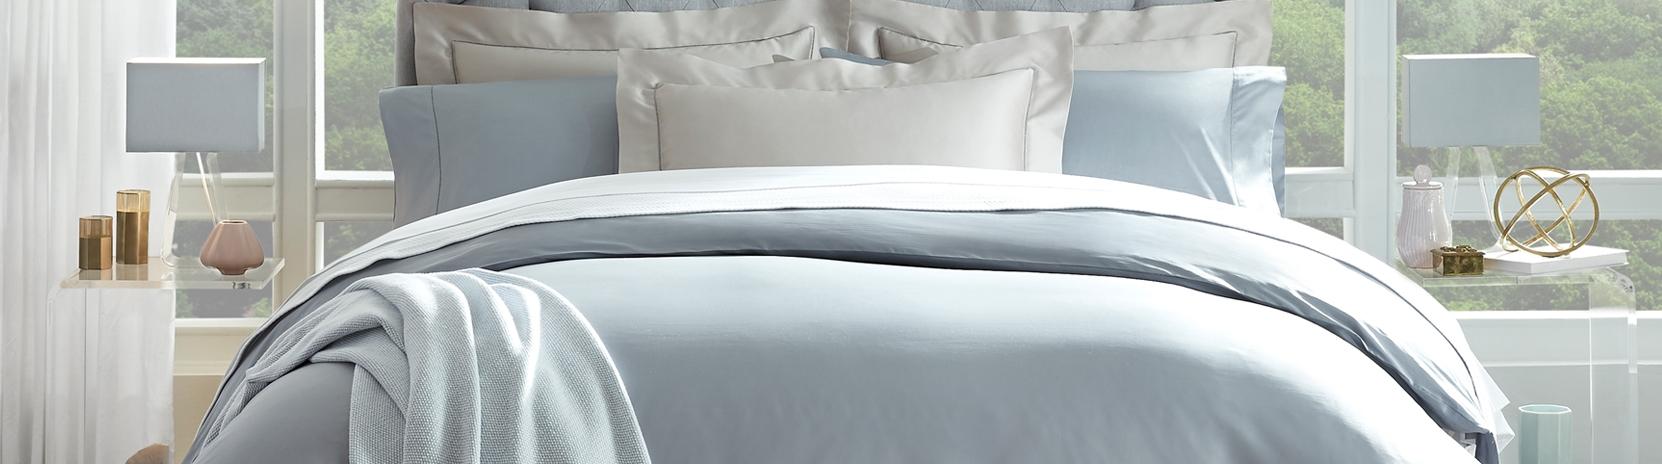 Sferra - Fine Linens   Made in Italy